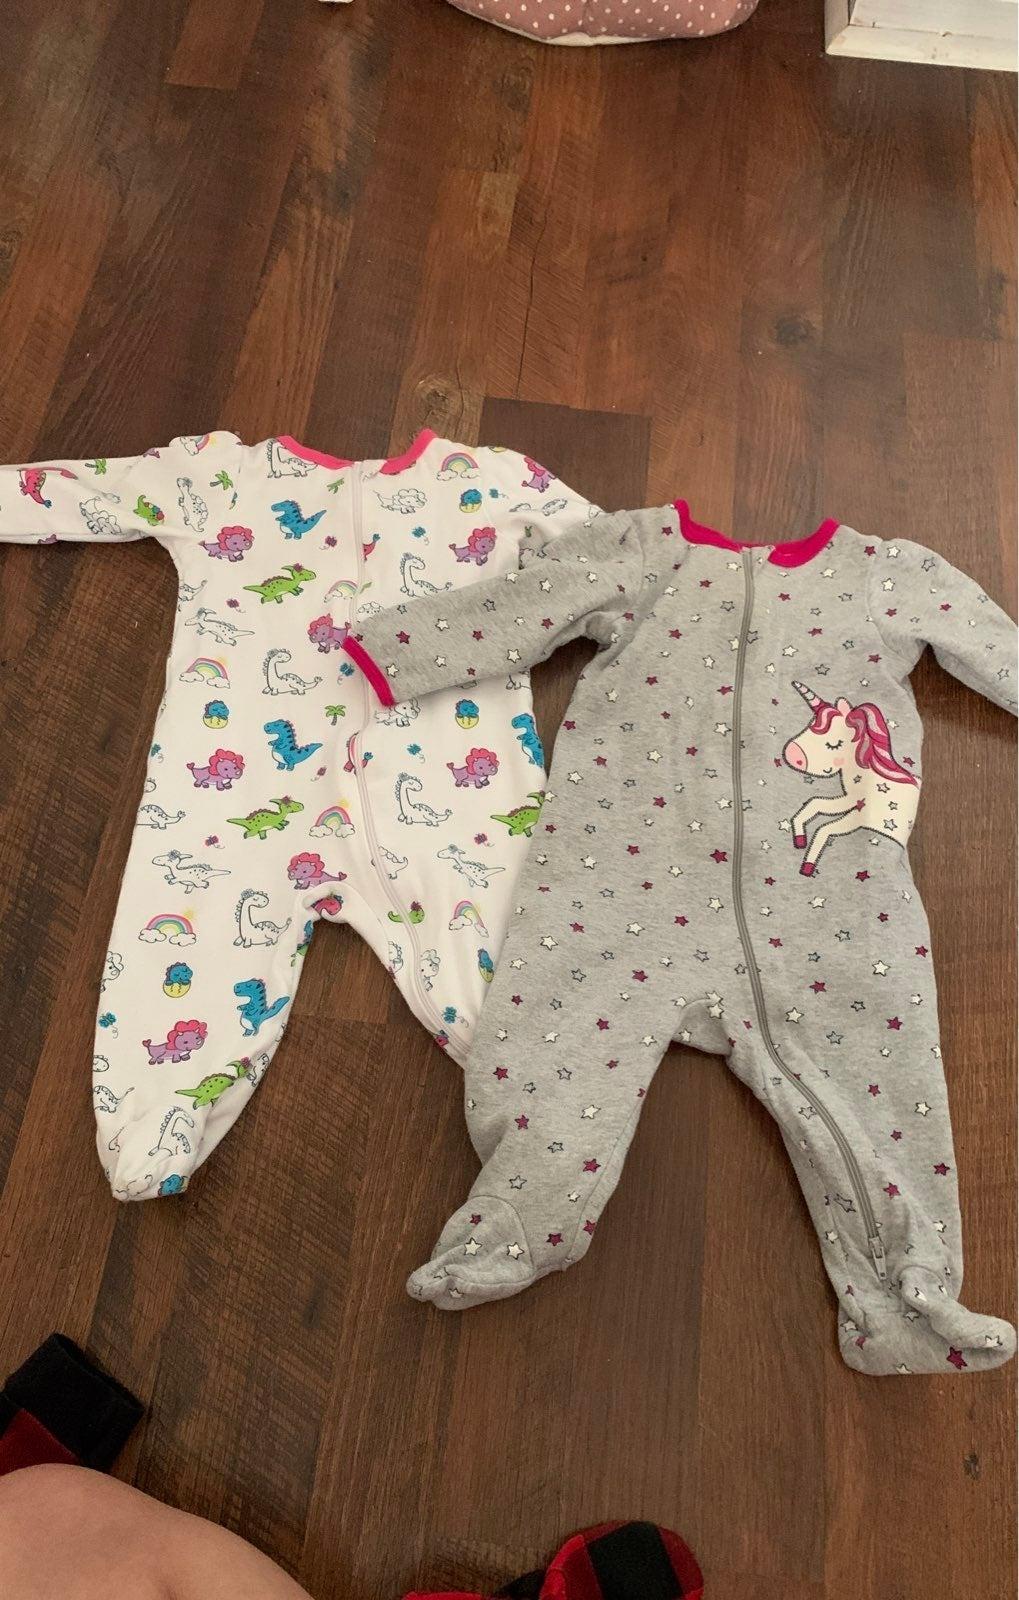 2 Baby onesies